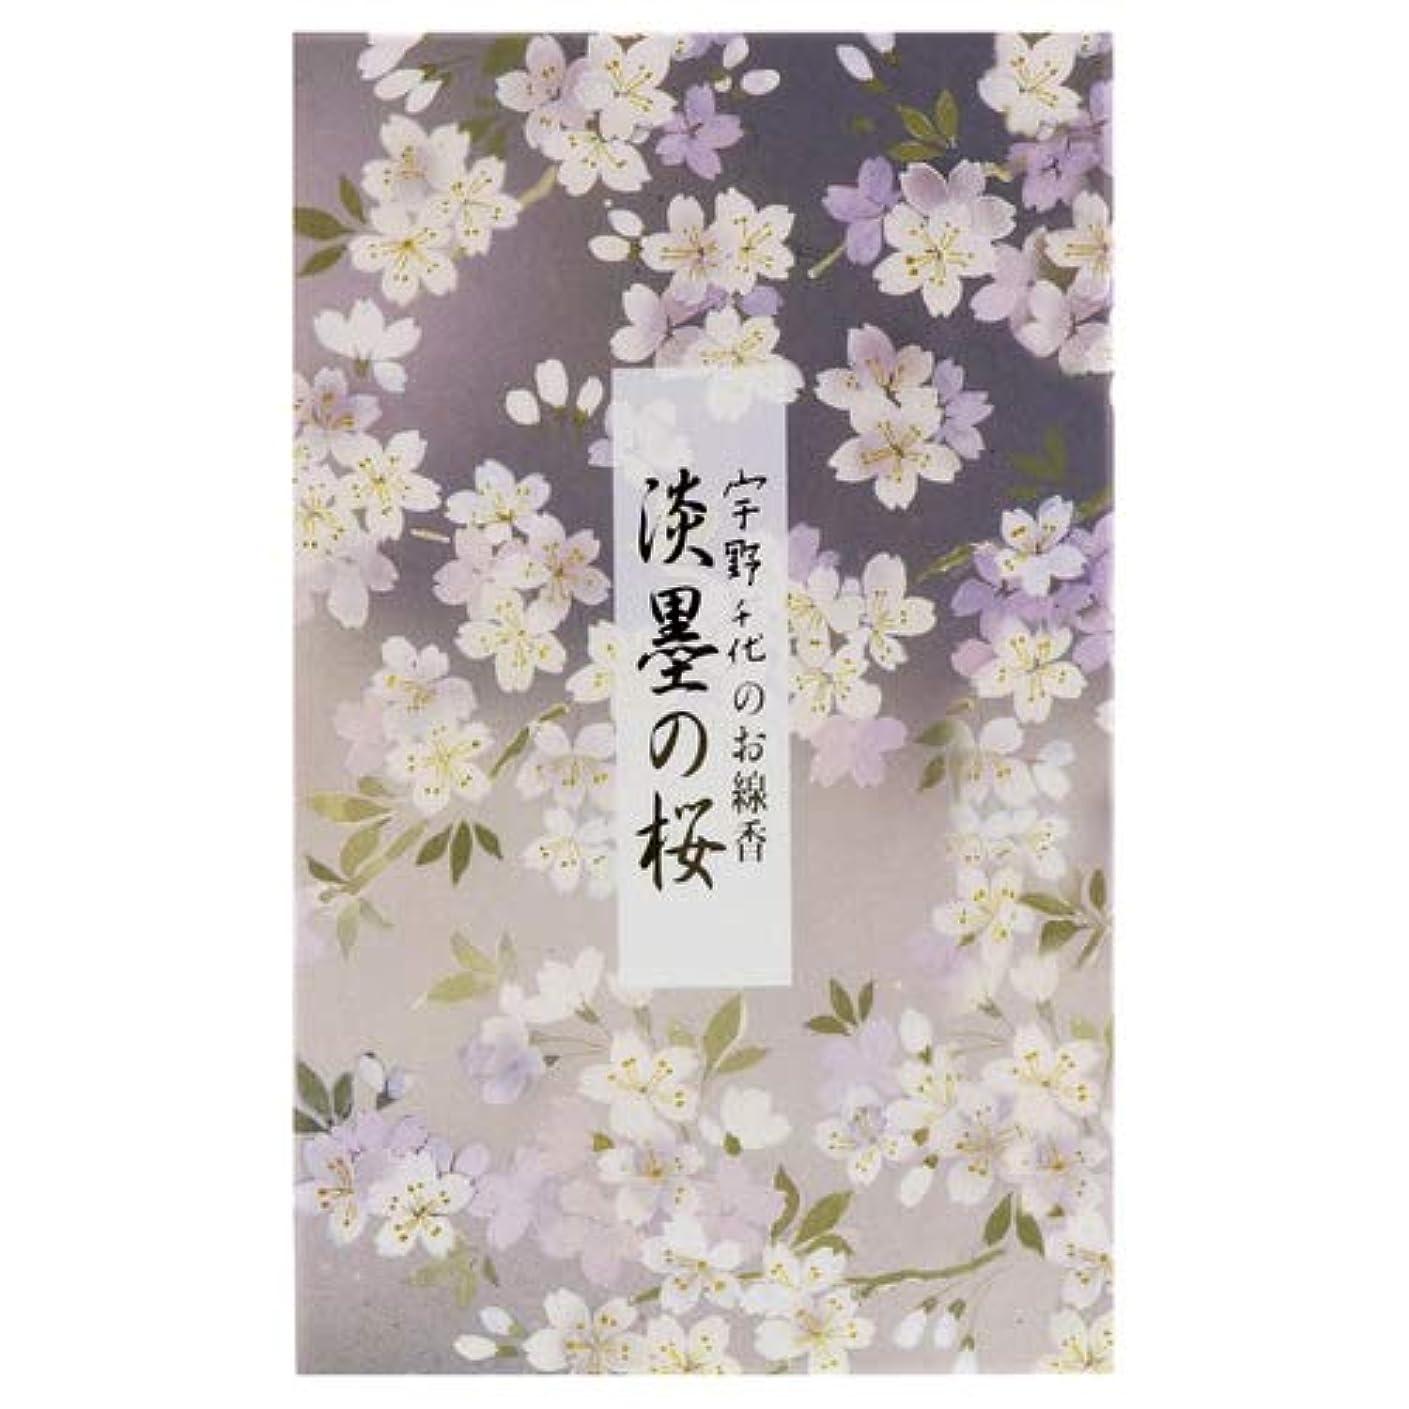 途方もない湿った不毛宇野千代のお線香 淡墨の桜 バラ詰